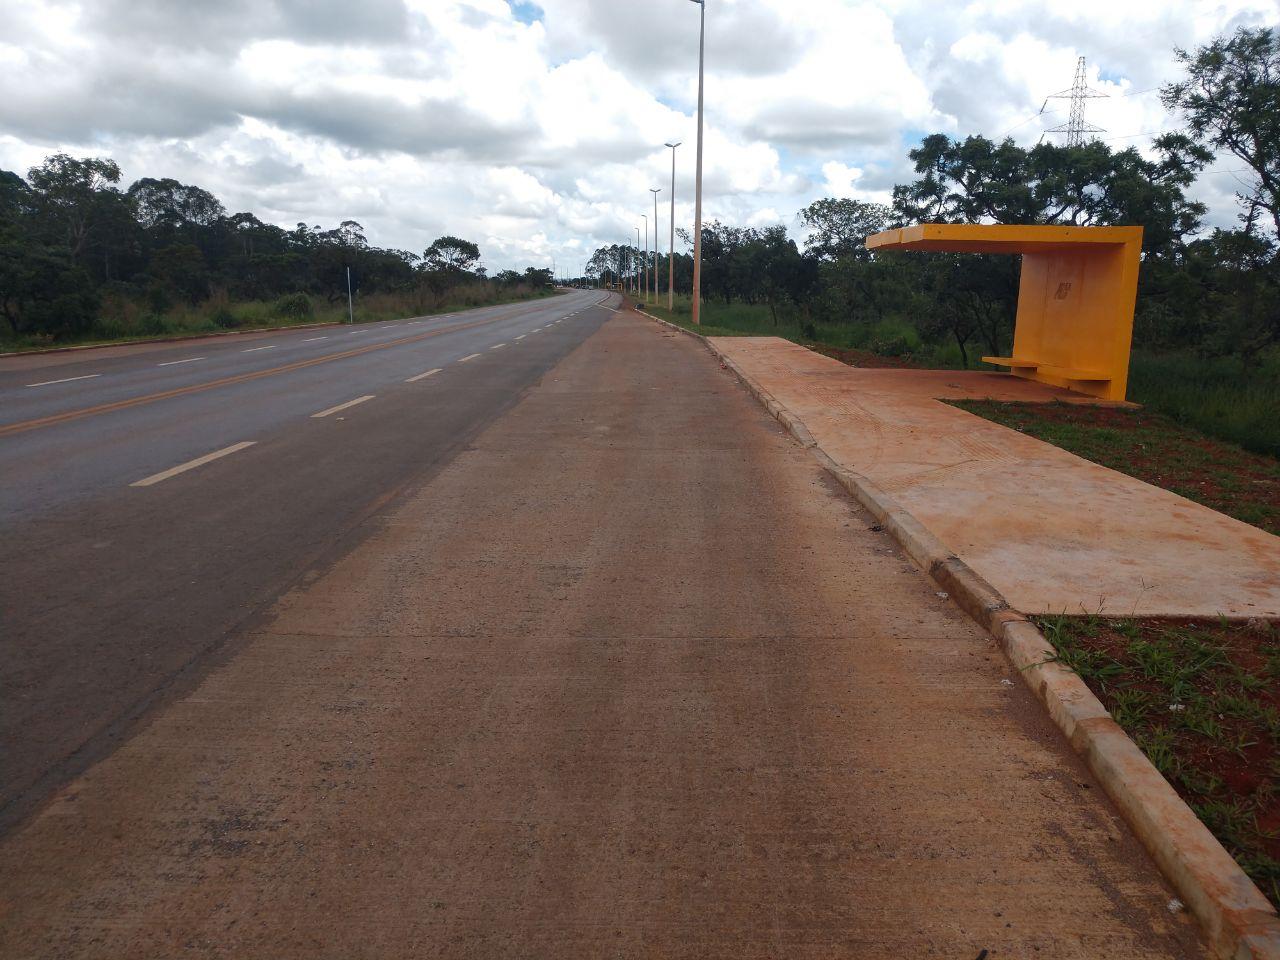 Realizadas as seguintes ações no âmbito das estradas vicinais: <ul>     <li>Implantados 3,9 km de ciclovia da rodovia vicinal VC-533, ligando a rodovia BR-080 à Comunidade de Padre Lúcio - Brazlândia: inaugurada em novembro/2017</li>     <li>Obras de pavimentação da rodovia VC-533, entroncamento BR-080 (Brazlândia) - Divisa DF/GO (Padre Lúcio) e a ponte (córrego Descoberto): inaugurada em novembro/2017</li>     <li>Restaurada a rodovia DF-001 (EPCT) - Lago Oeste, Lotes 1 e 2: inaugurada em novembro/2017</li>     <li>Restaurada a rodovia DF-001 (EPCT), entroncamento DF-095 (EPCL) - entroncamento BR-080 (Caminhos para Brazlândia): inaugurada em novembro/2017</li> </ul>